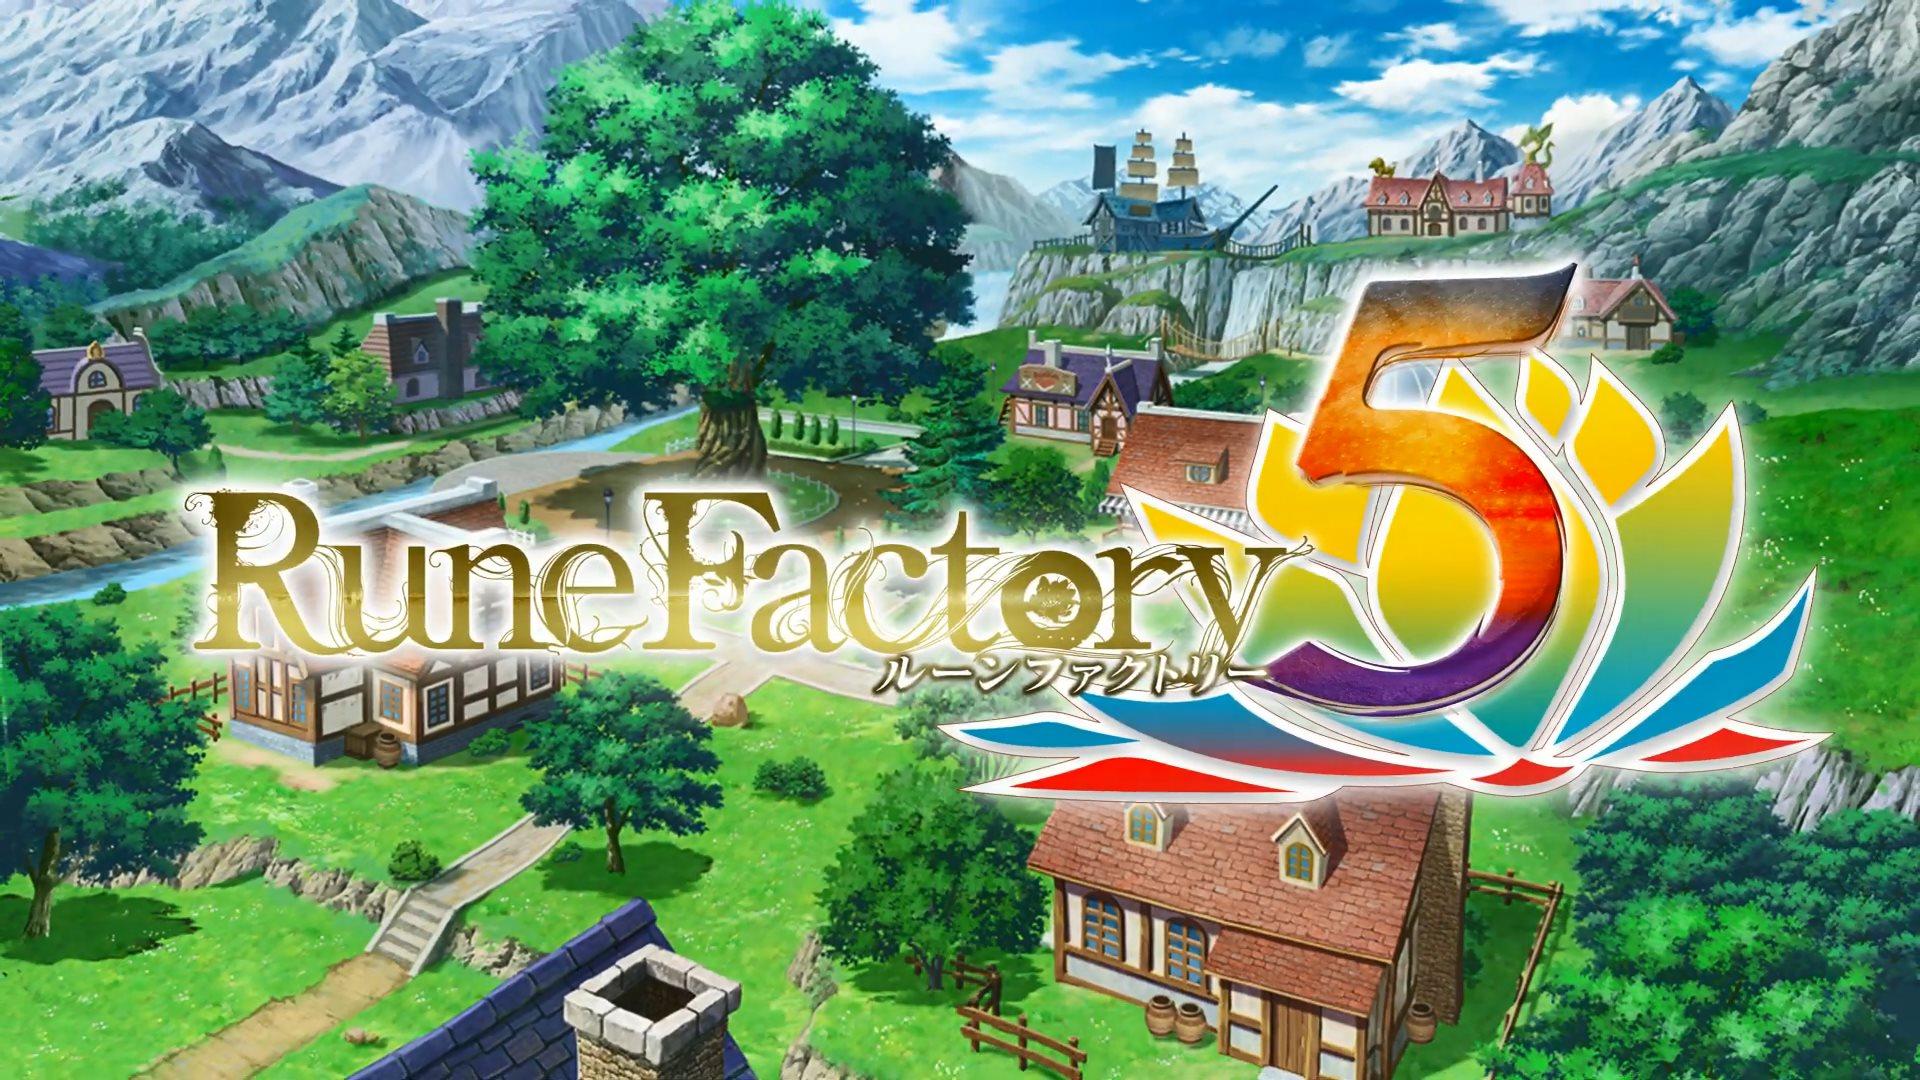 PS4/NS冒险新游《桑塔与七赛莲》繁中版已上市